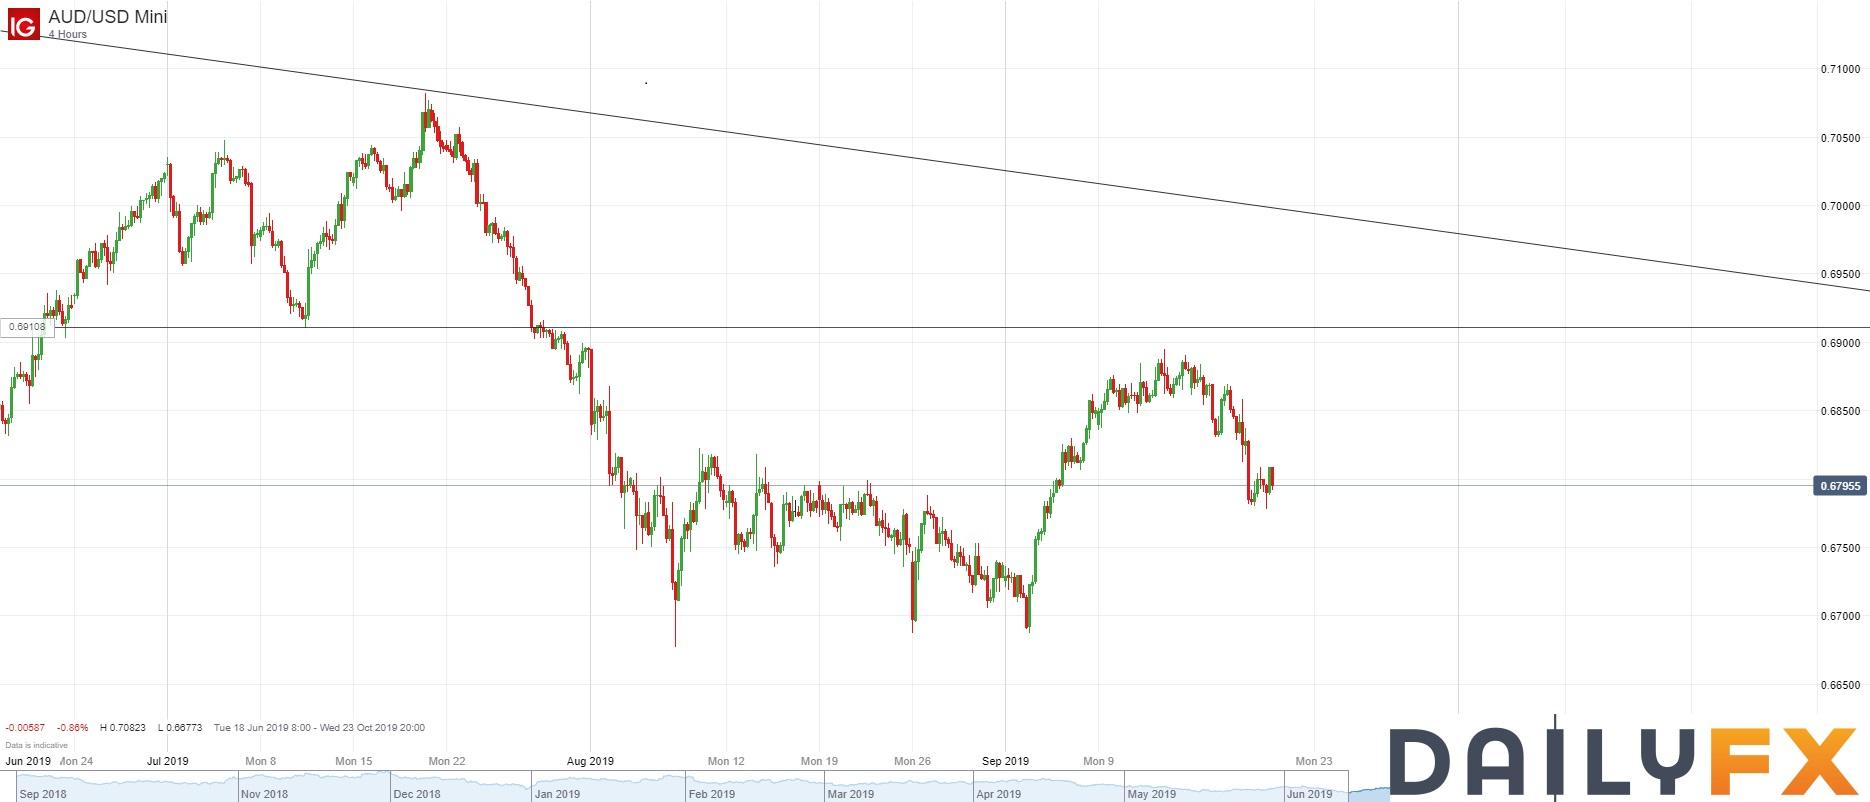 澳元/美元技术分析:4小时图短期跌势完好,继续持有空头